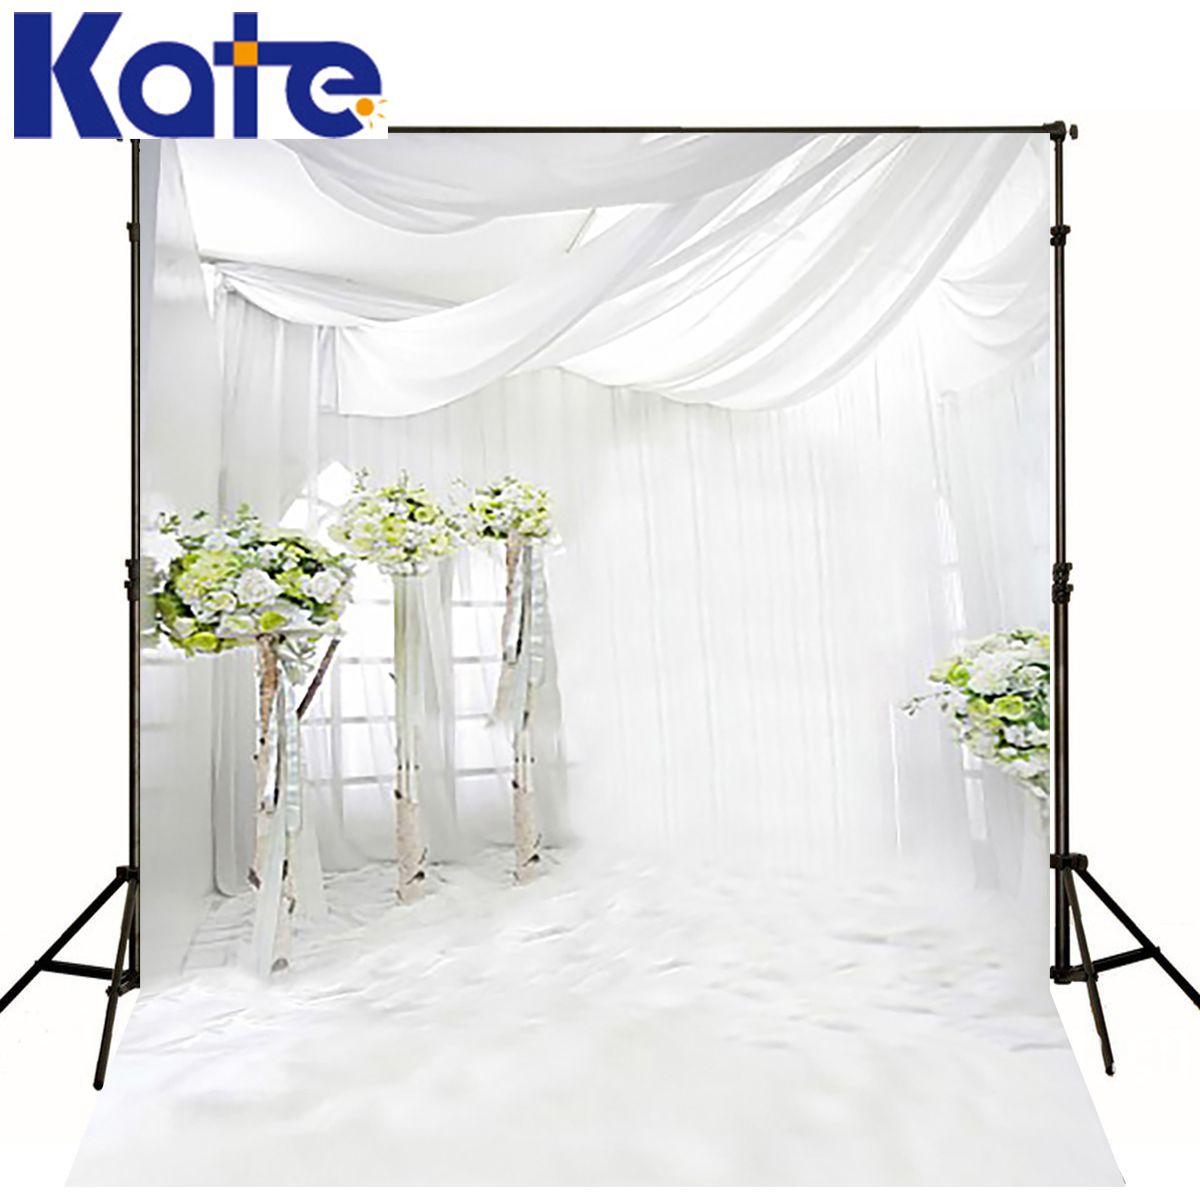 trouver plus arri re plan informations sur contextes de mariage vert fleurs s ance photo mur. Black Bedroom Furniture Sets. Home Design Ideas